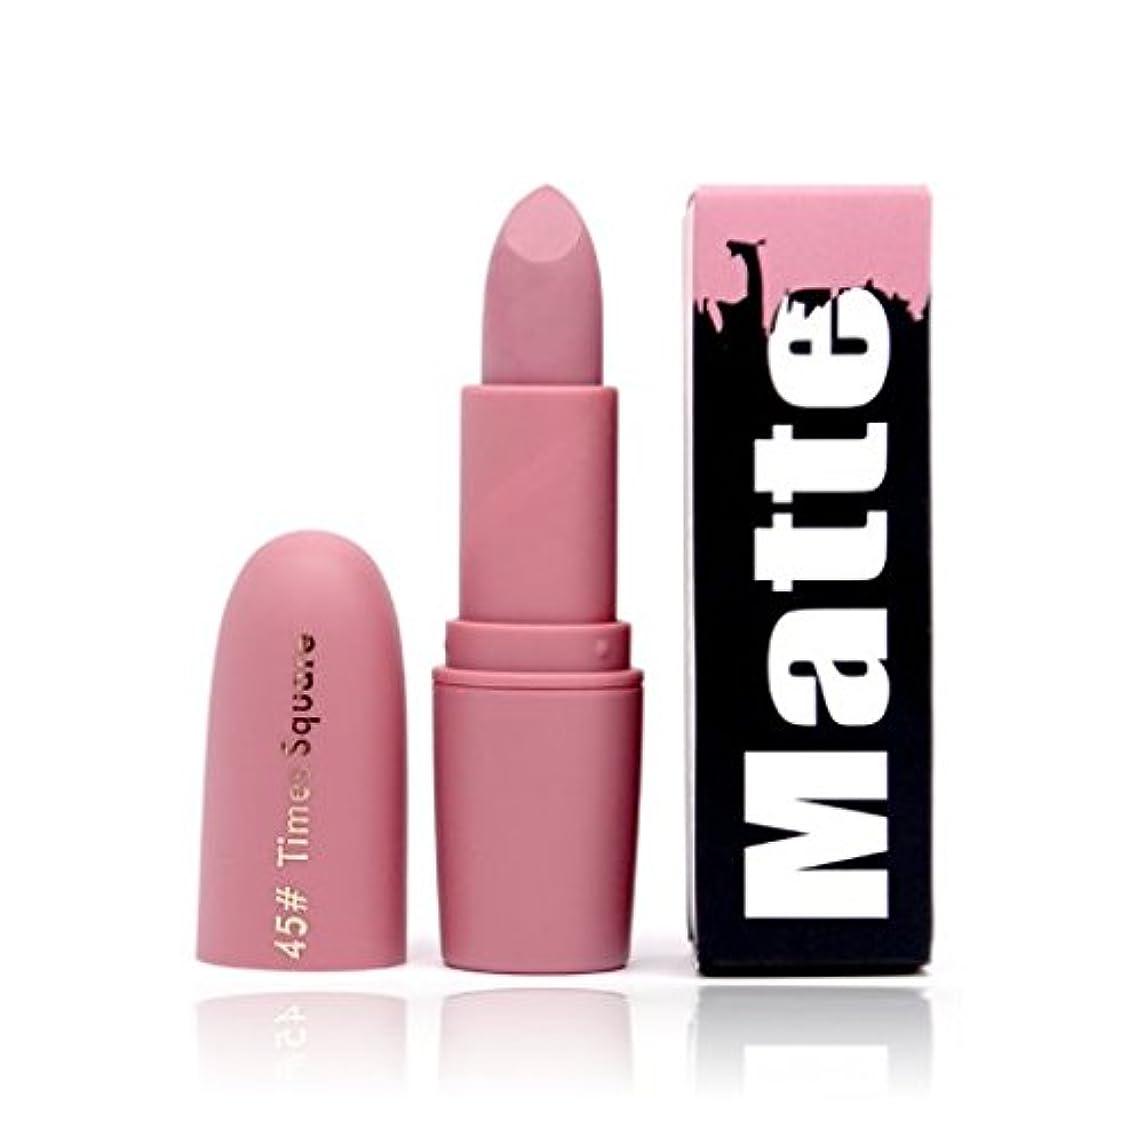 例示する検出器避難Beauty Matte Moisturizing Lipstick Makeup Lipsticks Lip Stick Waterproof Lipgloss Mate Lipsticks Cosmetic